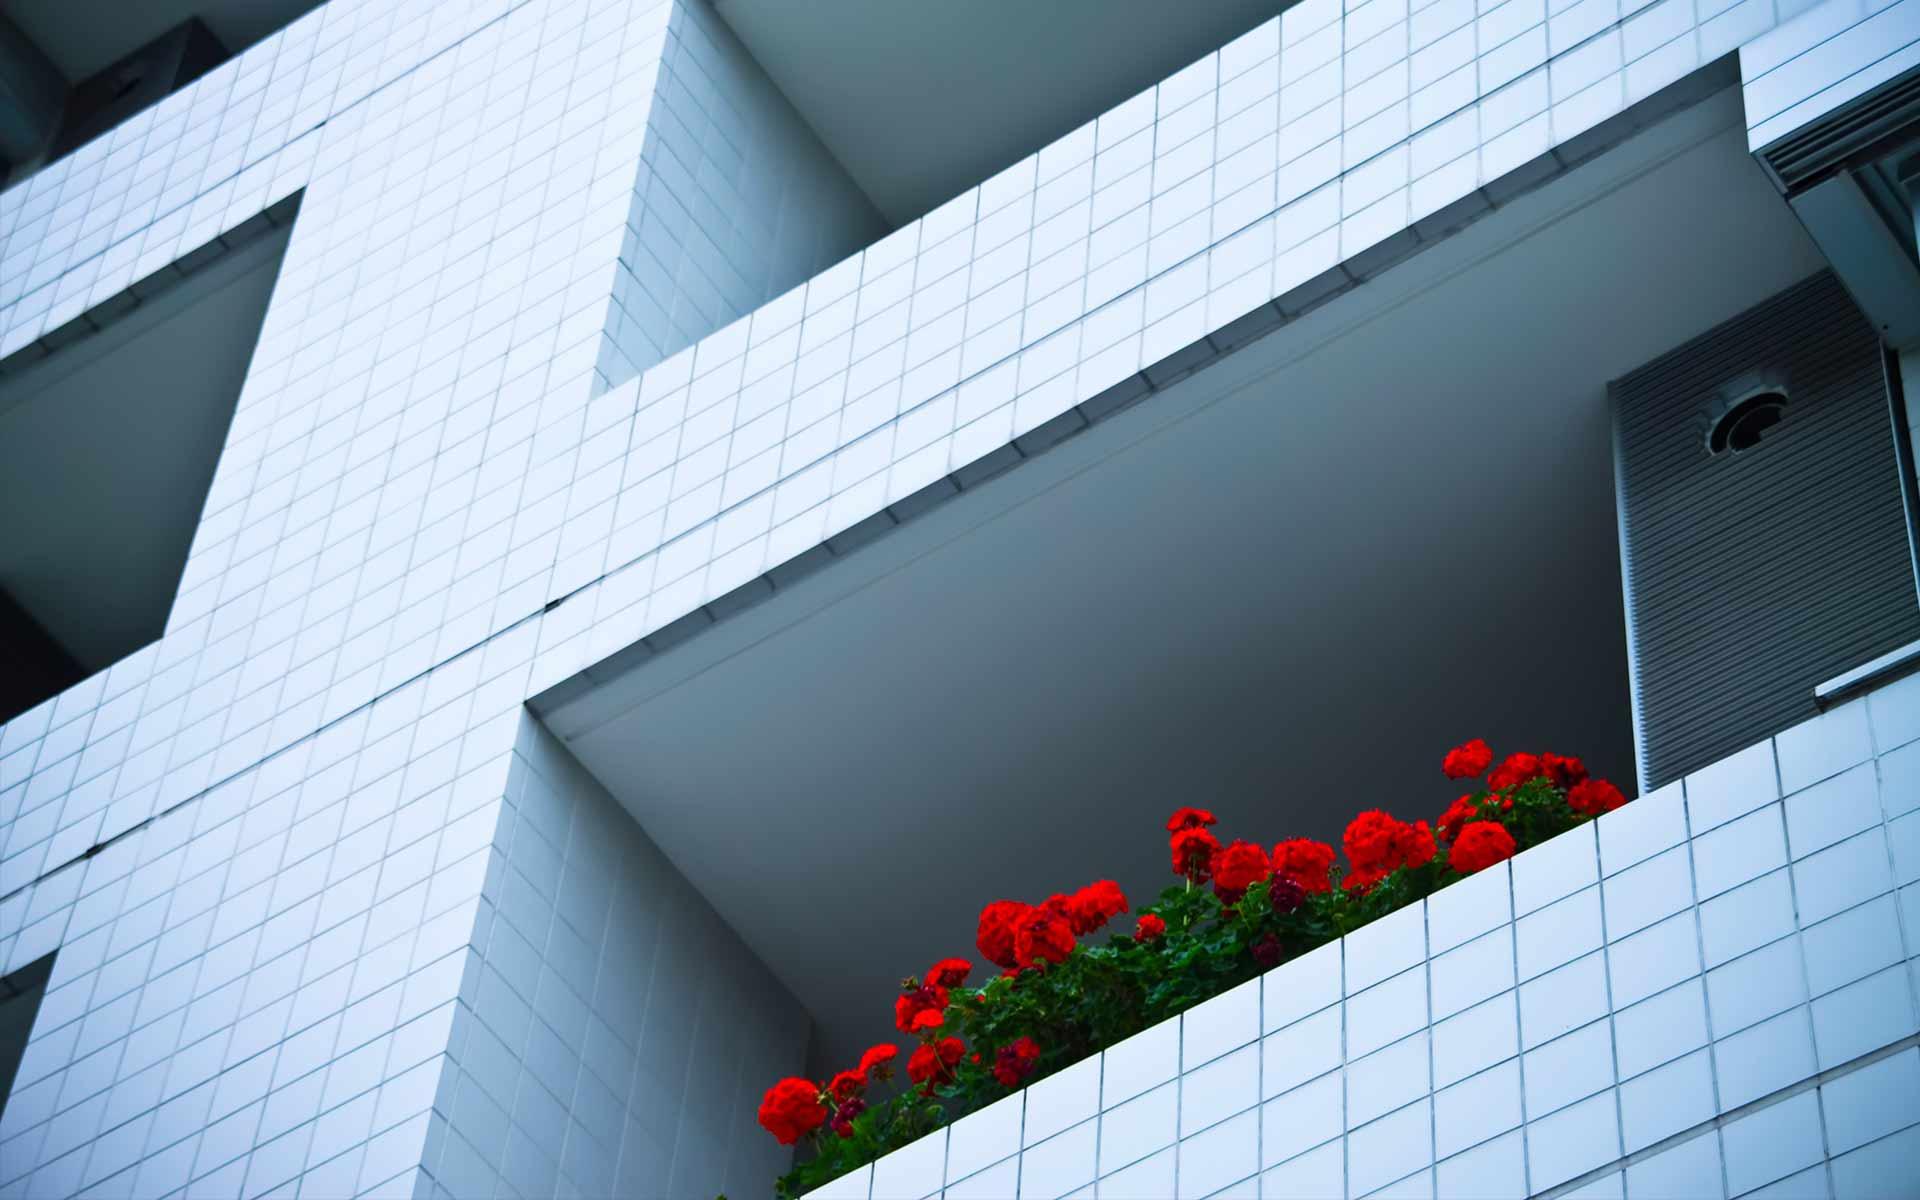 【シリーズ・都市伝説】それは一目惚れ「マンションの一室の窓から見つめる女性」